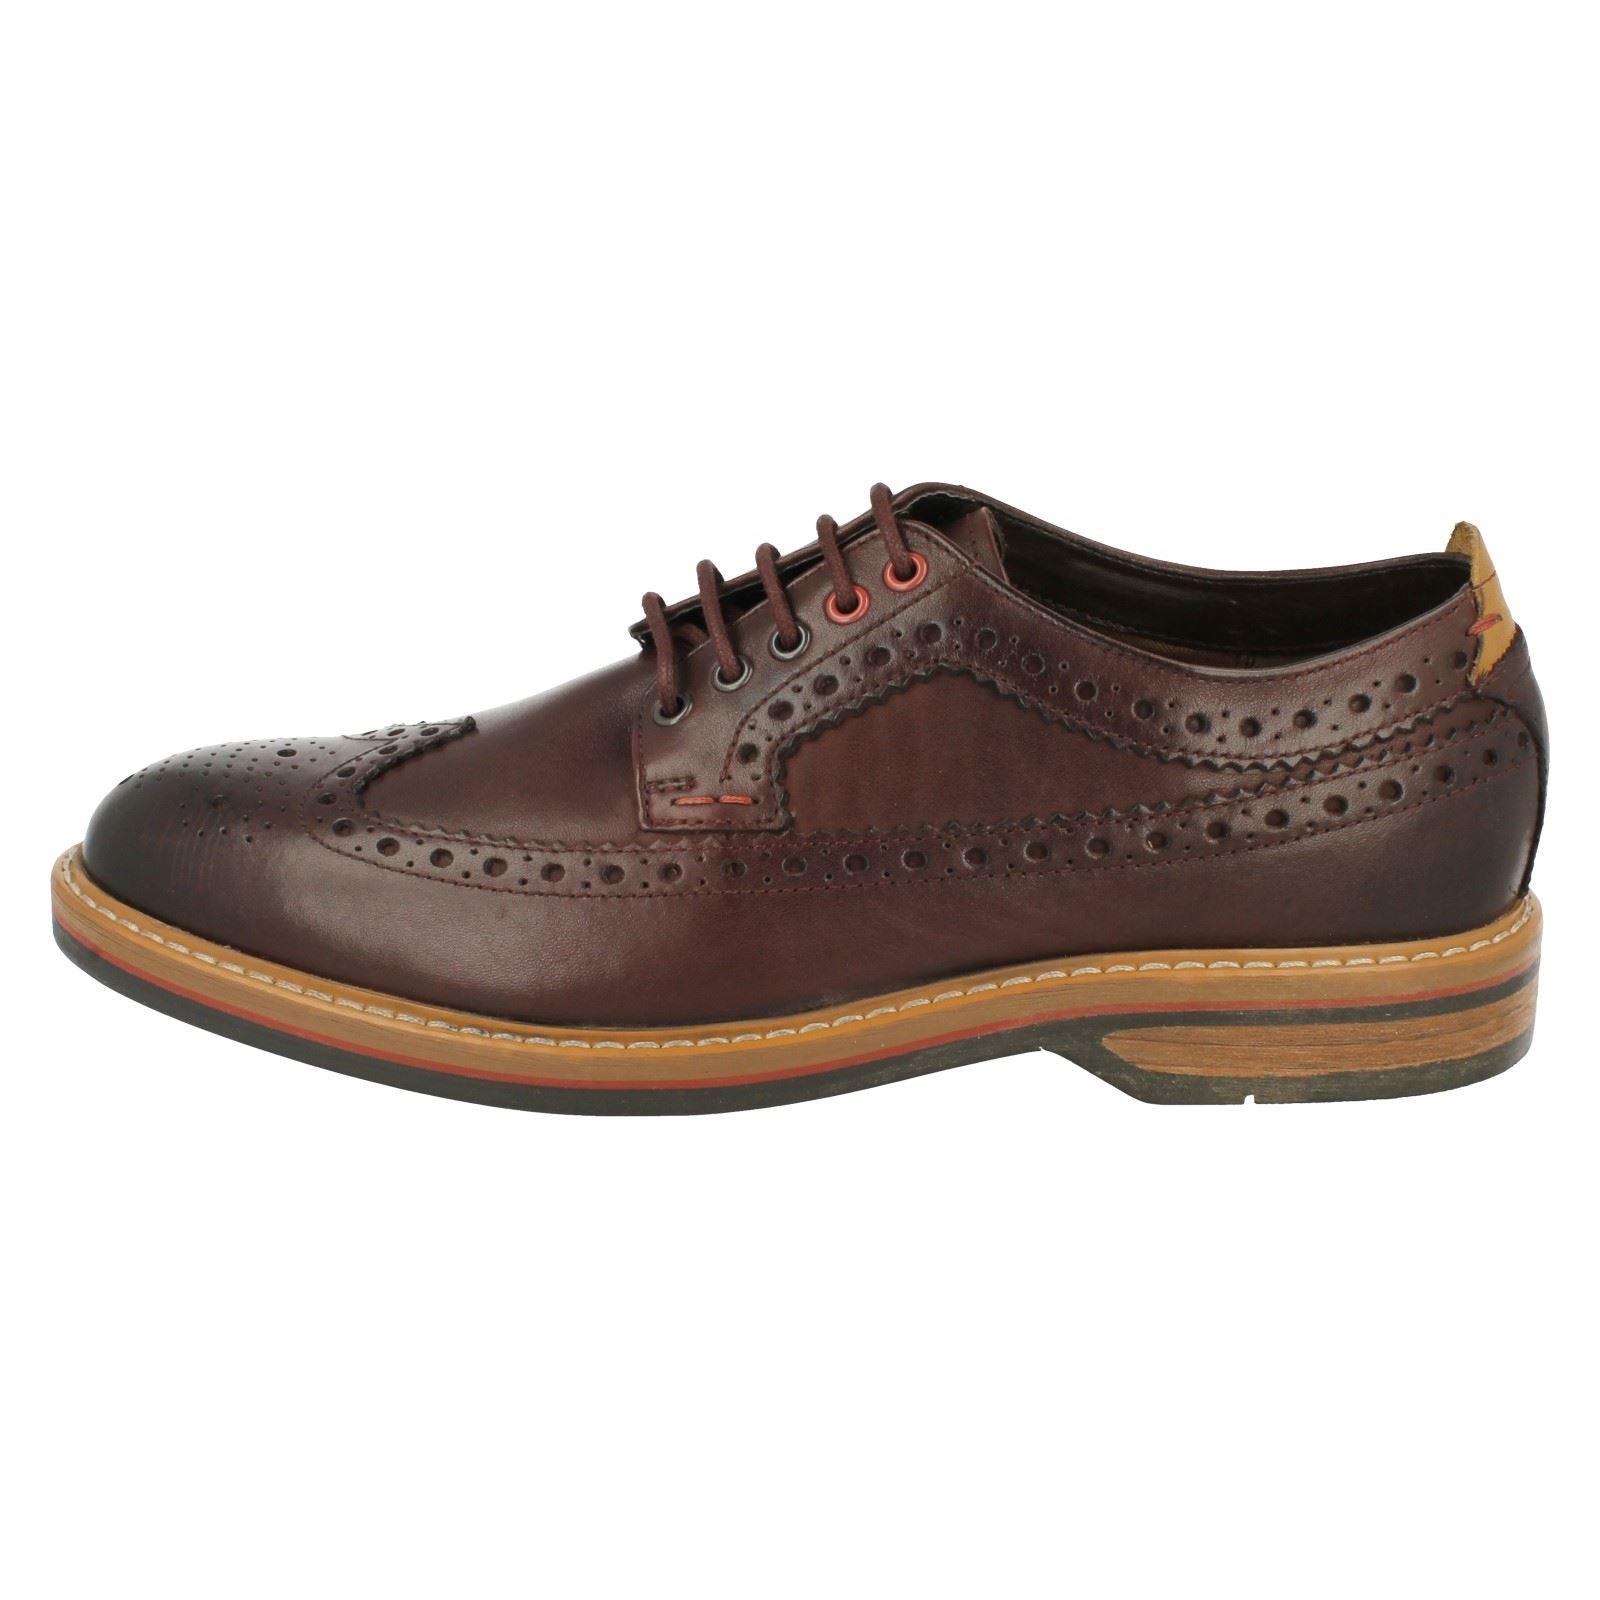 Limit Calzado hombre estilo marrón casual elegante Clarks Chestnut Pitney para brogue Epqn8